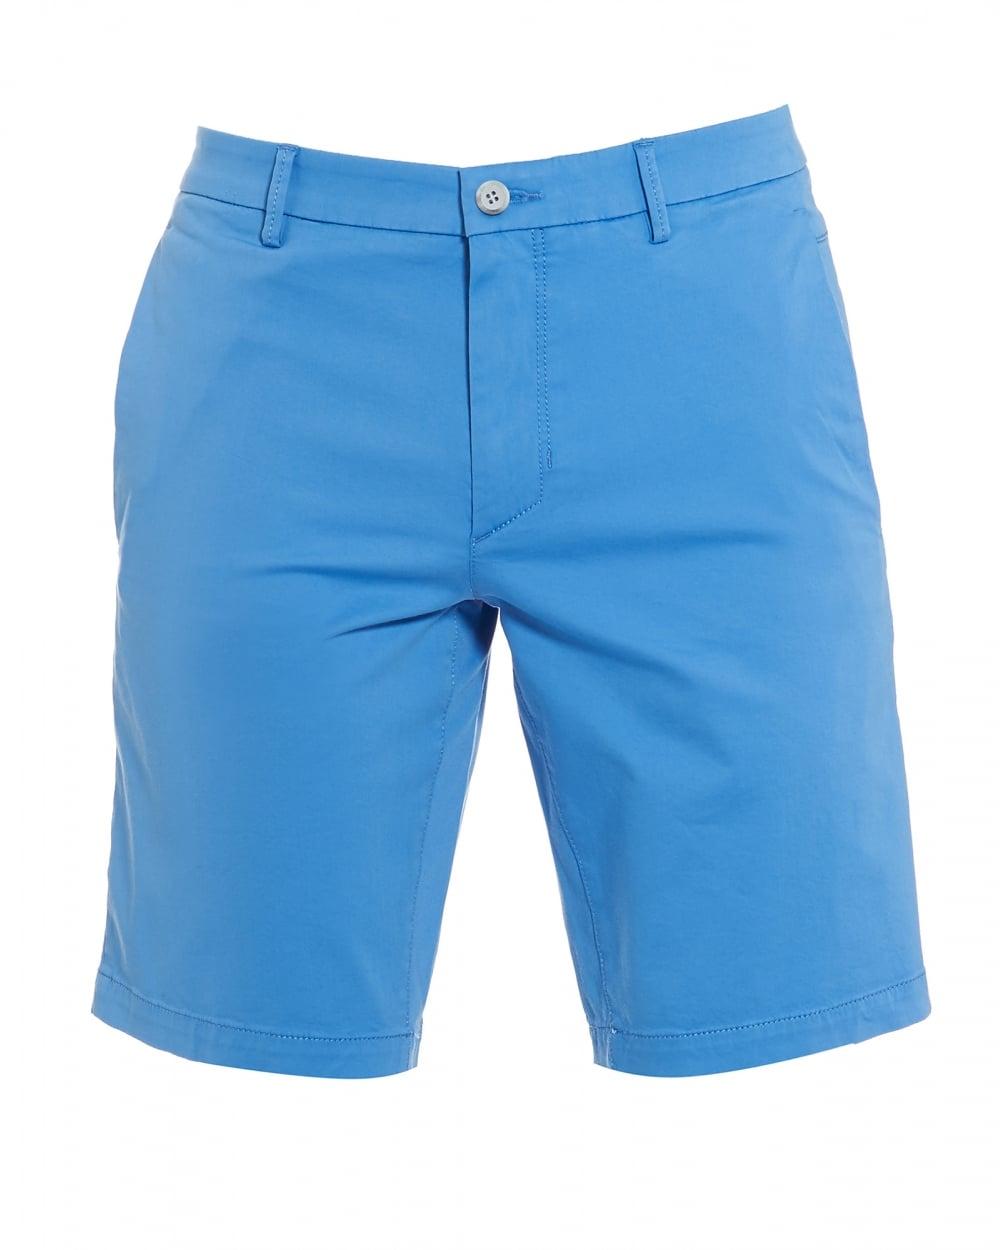 Mens Shorts, Cargo Shorts and Chino Shorts